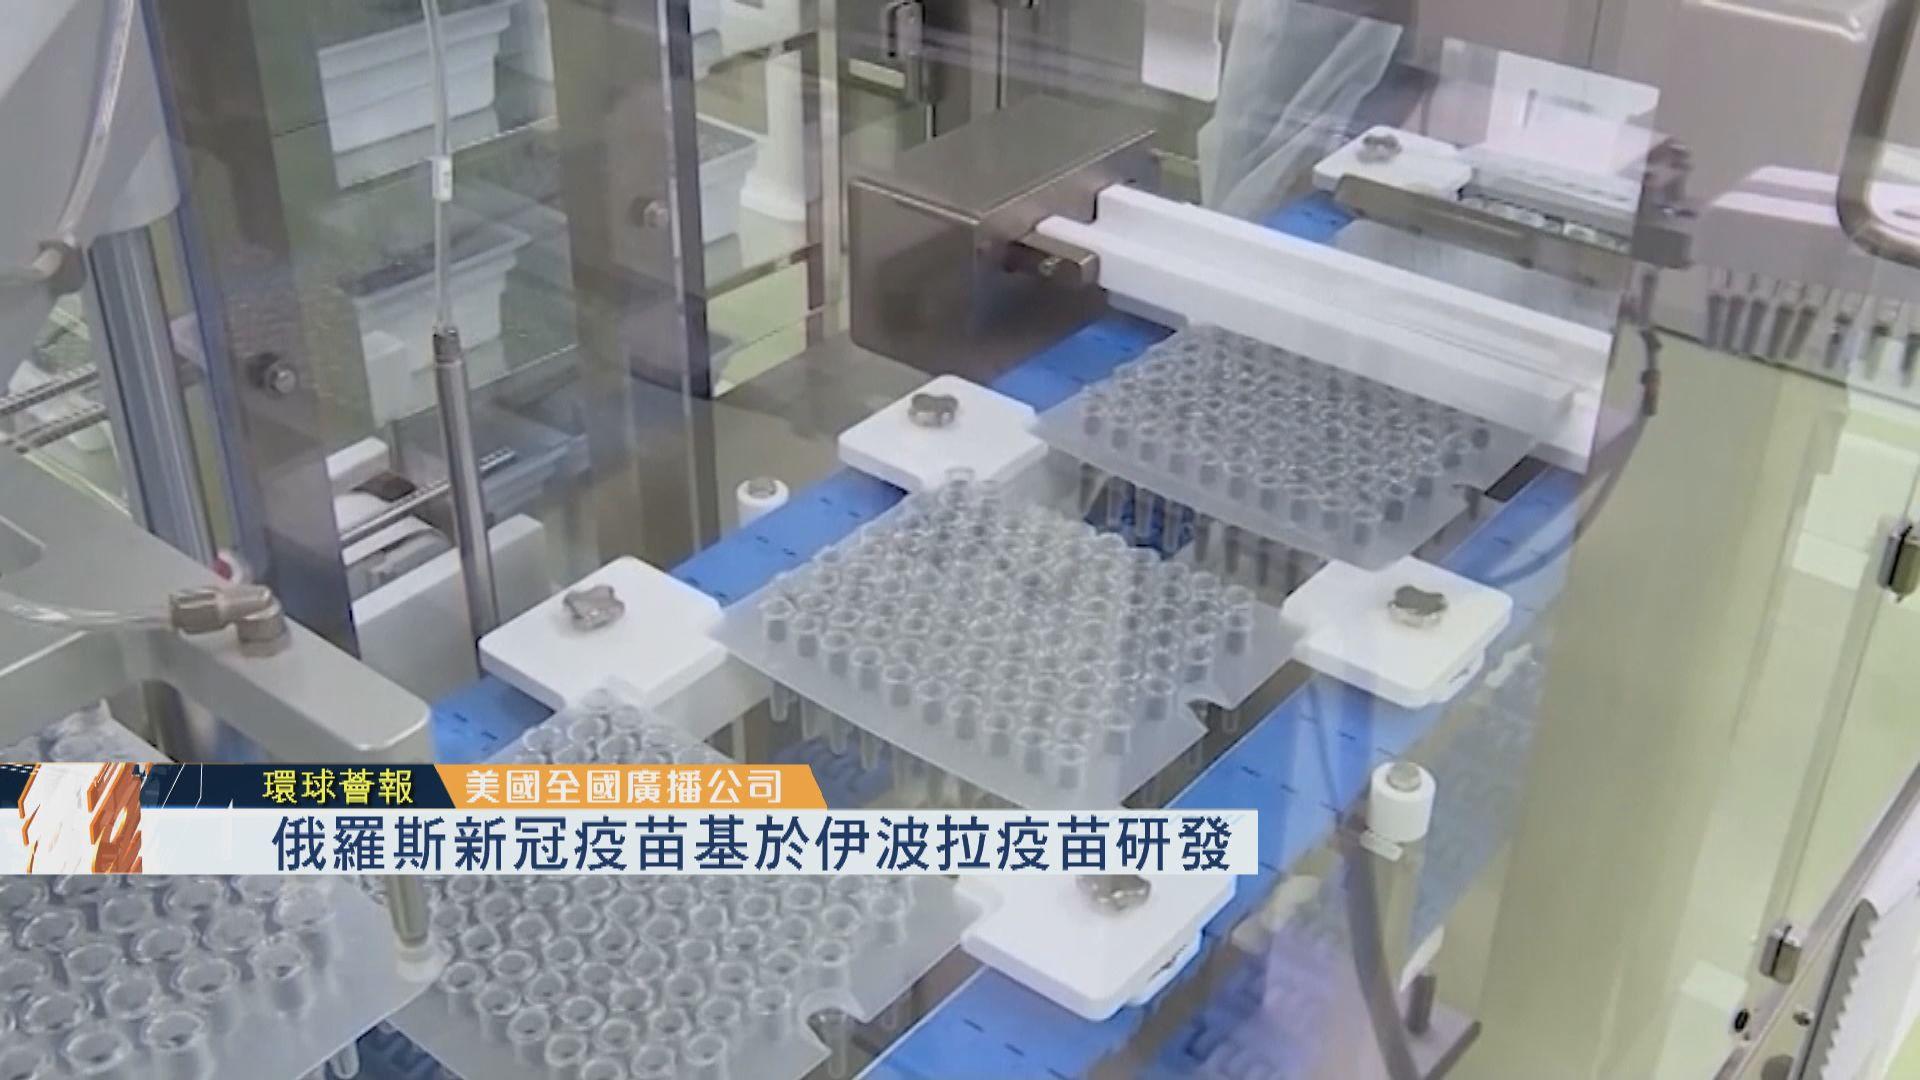 【環球薈報】俄羅斯新冠疫苗基於伊波拉疫苗研發